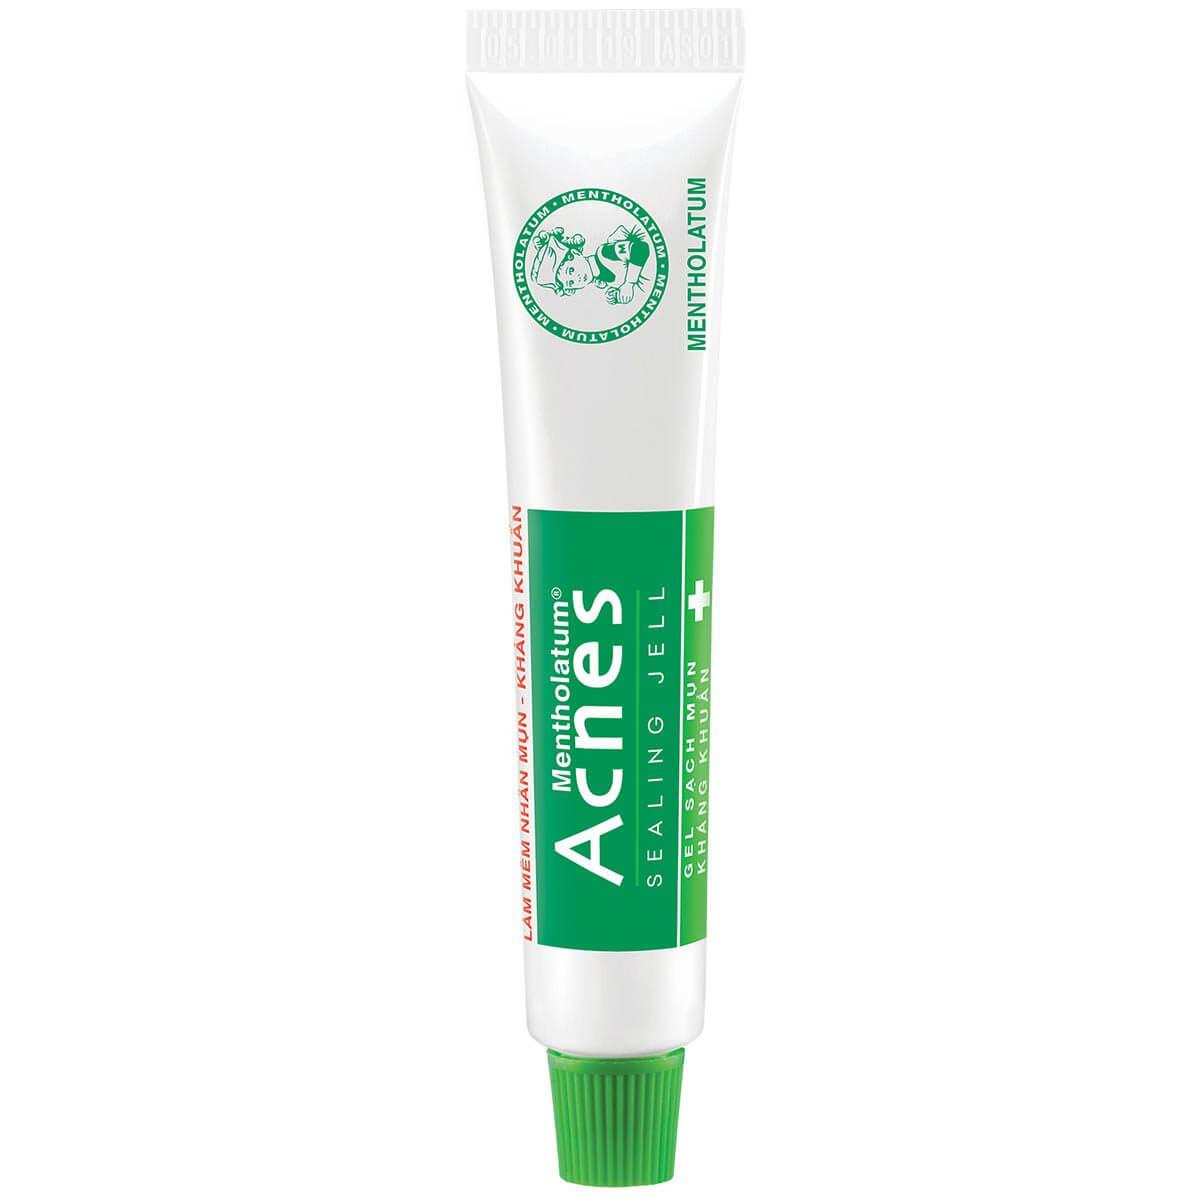 Gel tri mun, acnes sealing jell, gel ngan ngua mun acnes